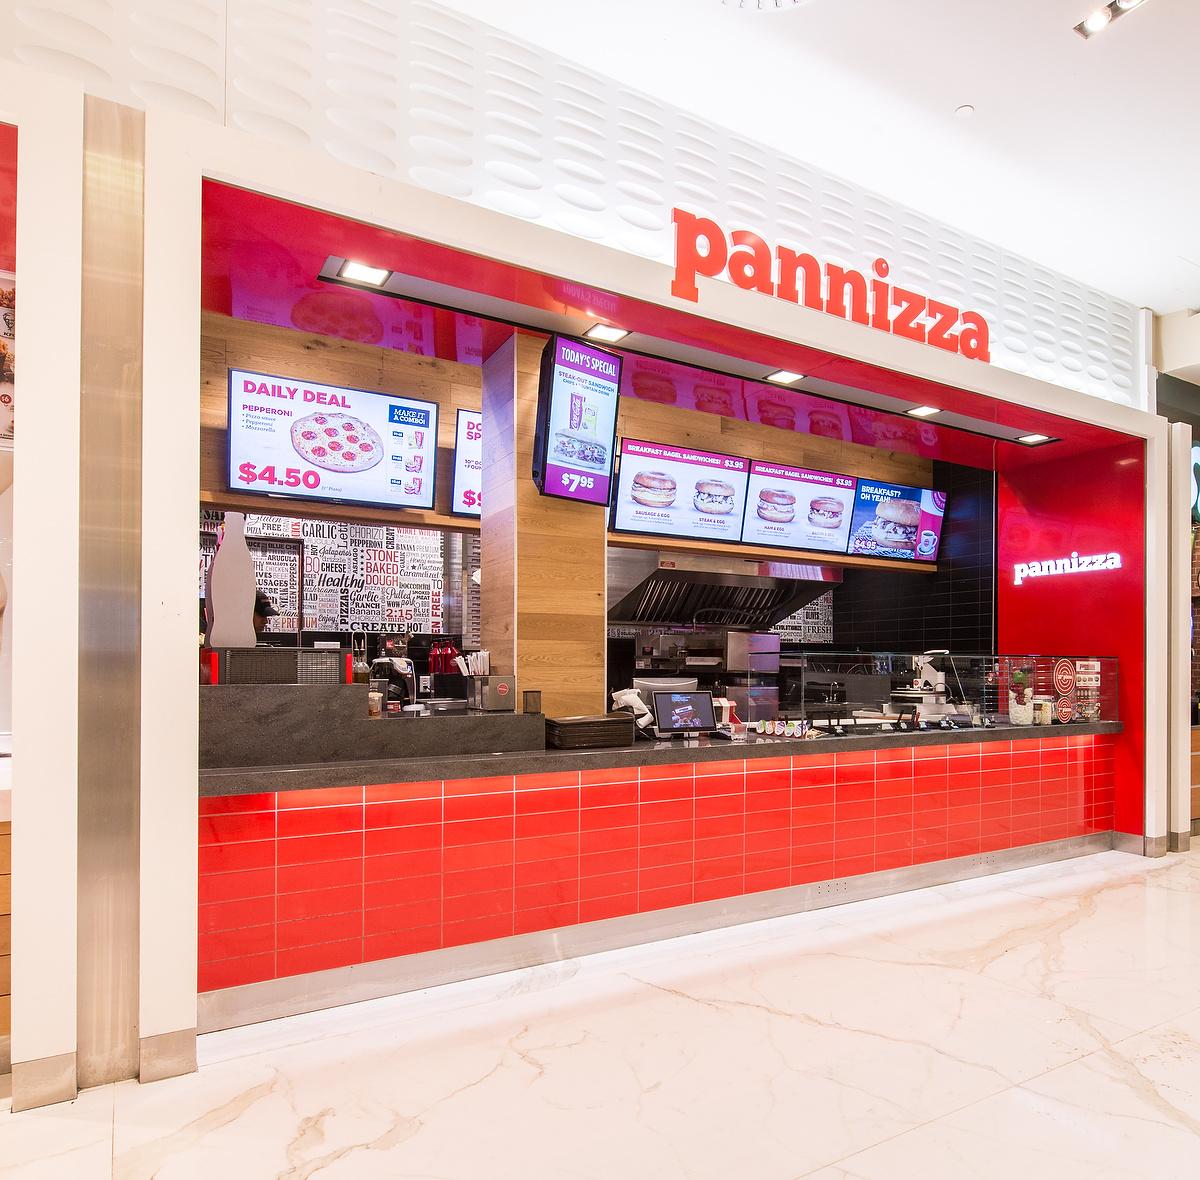 pannizza - WEM